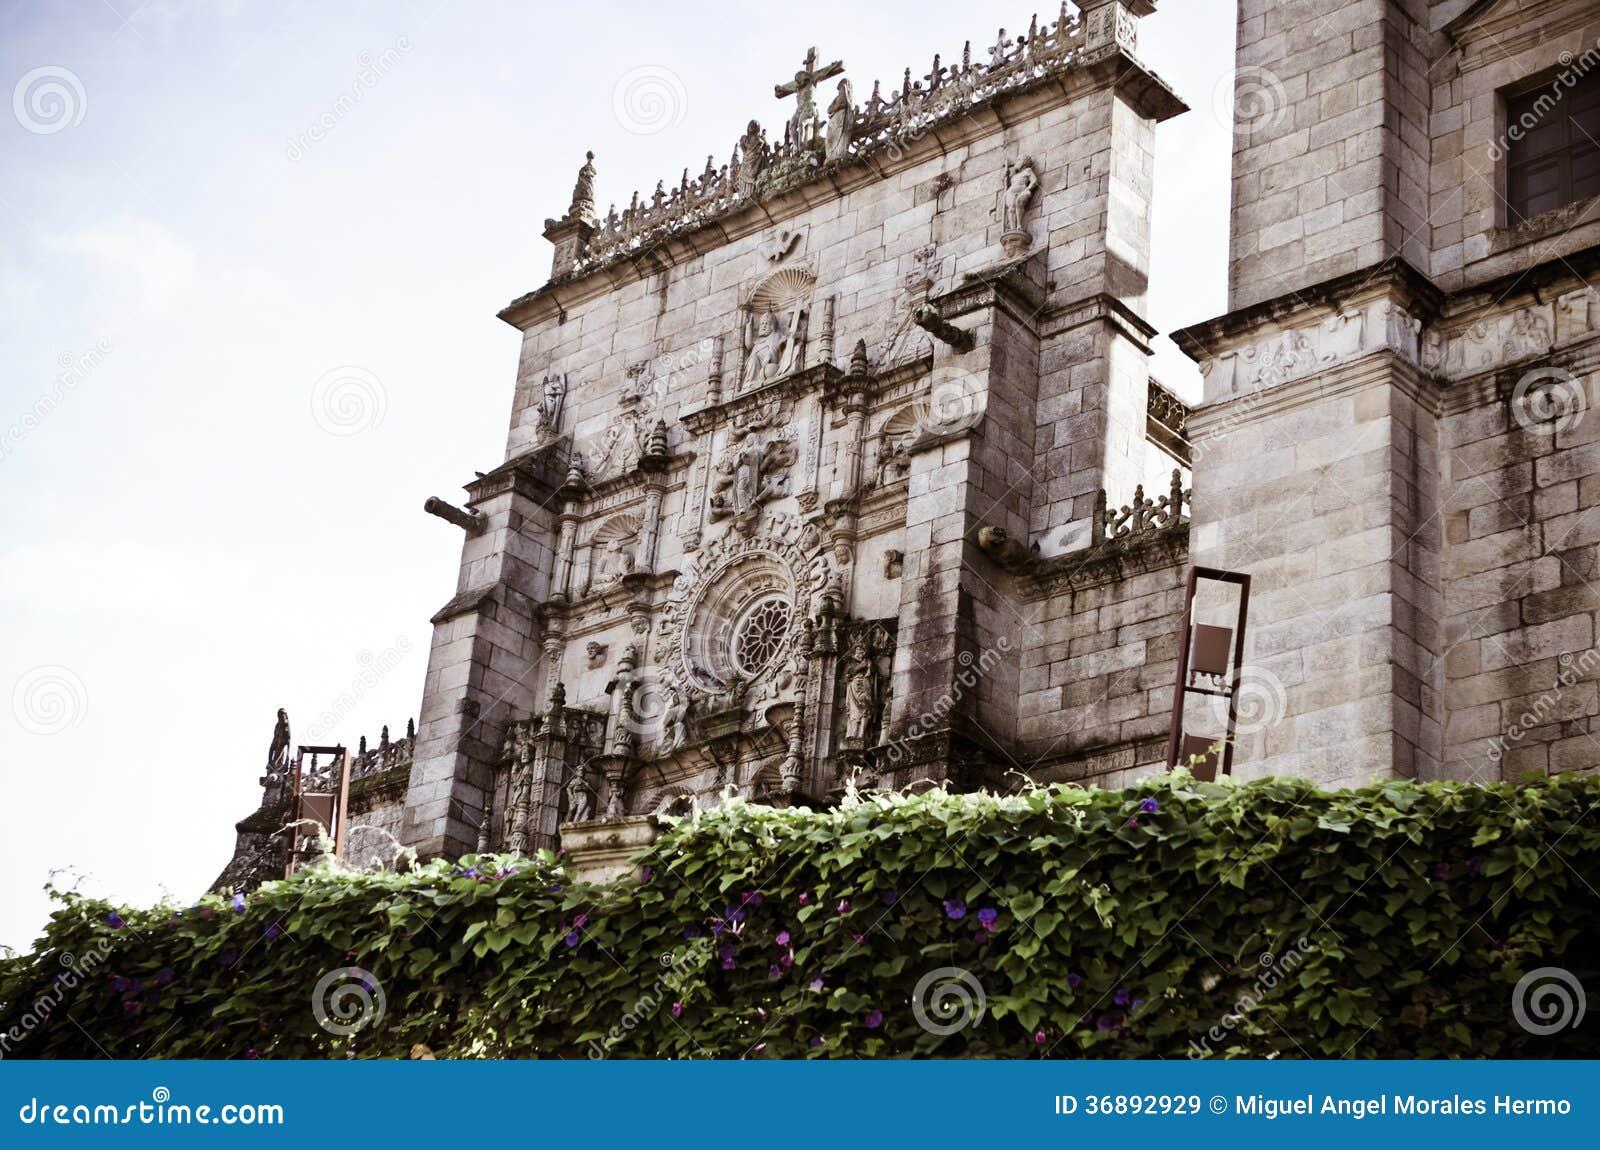 Download Chiesa a Pontevedra immagine stock. Immagine di storico - 36892929